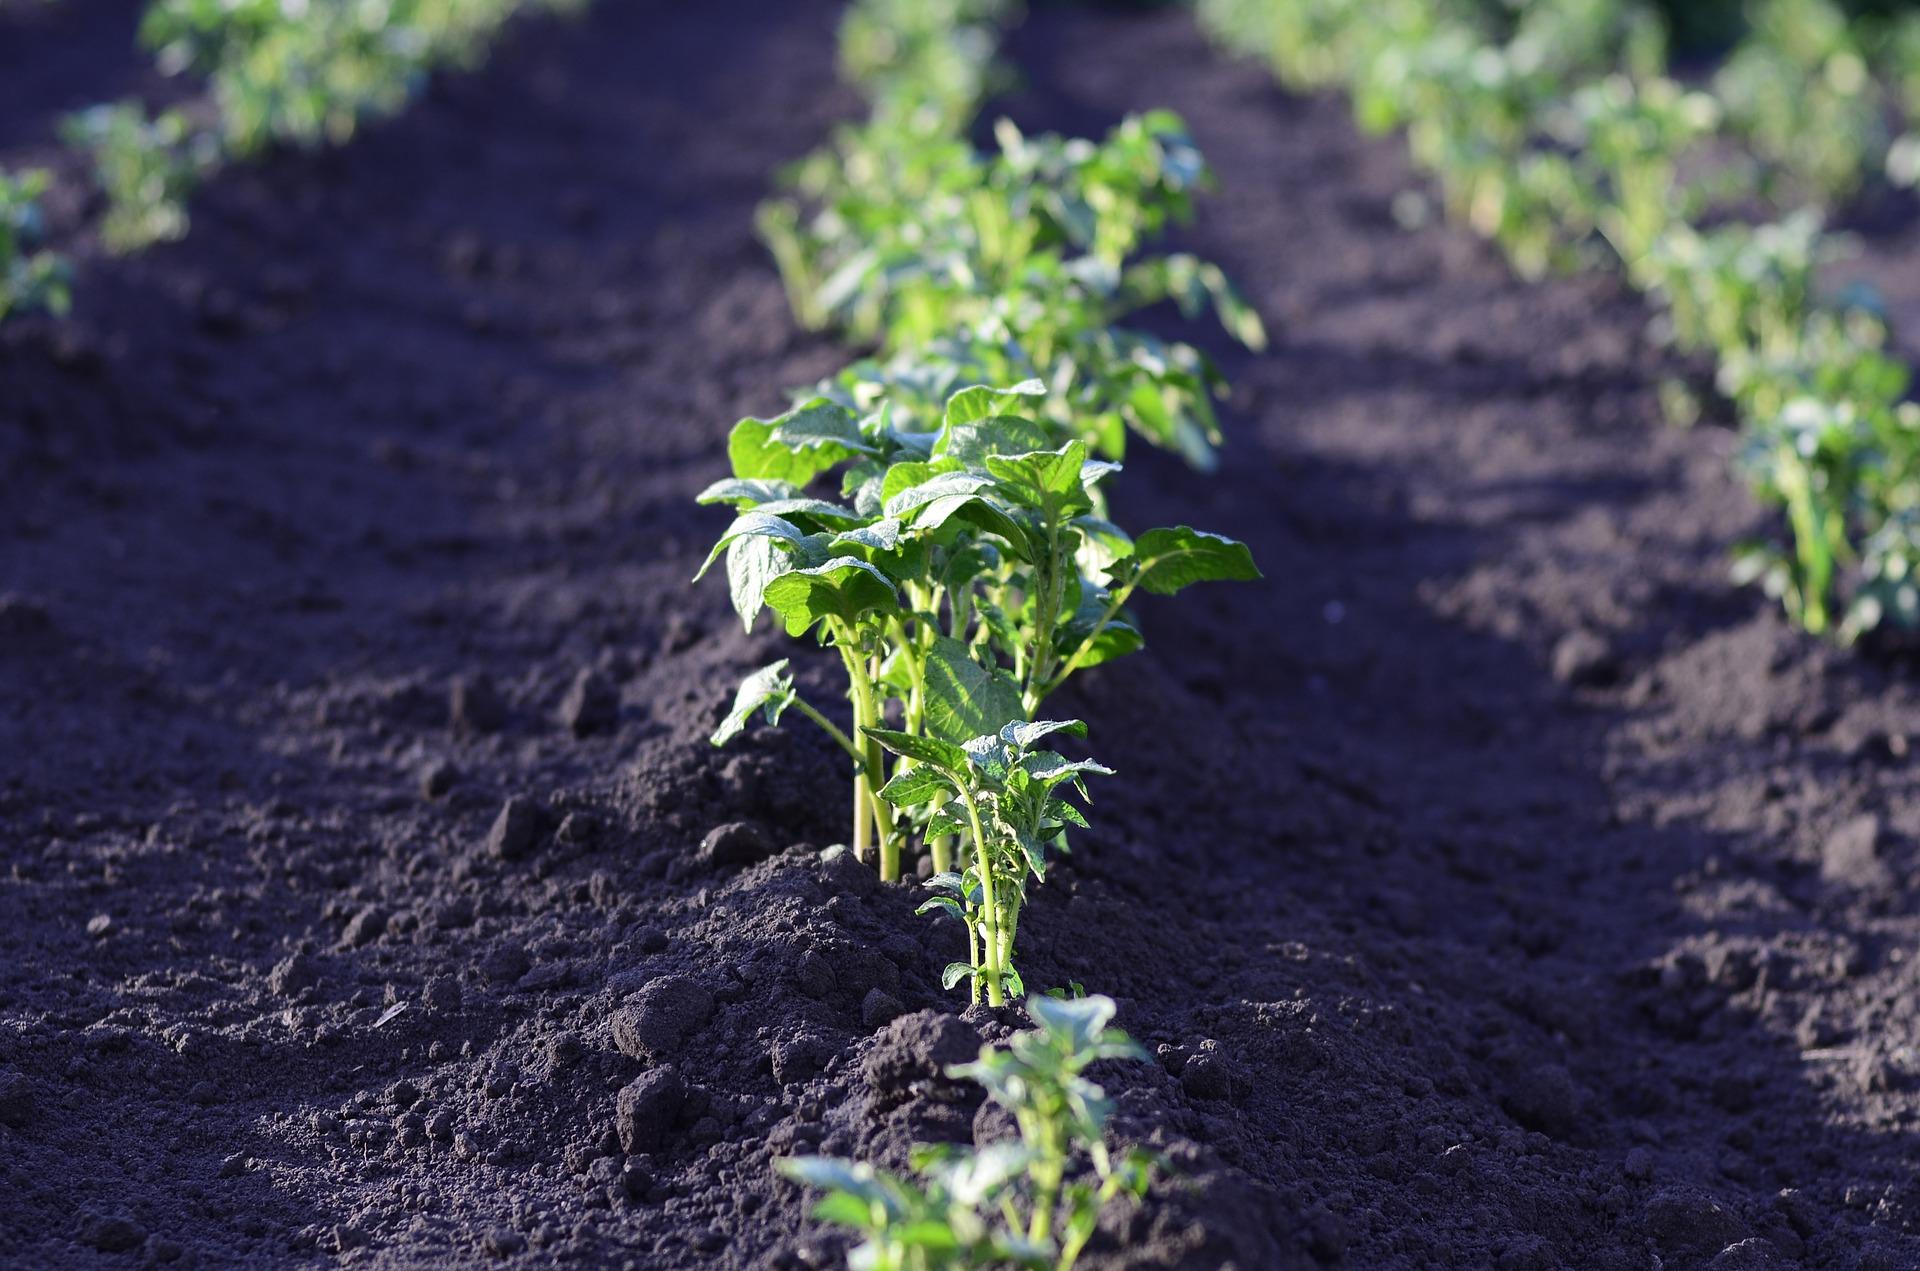 Quoi Planter Dans Une Terre Argileuse quels légumes cultiver en sol argileux, sableux, acide ou